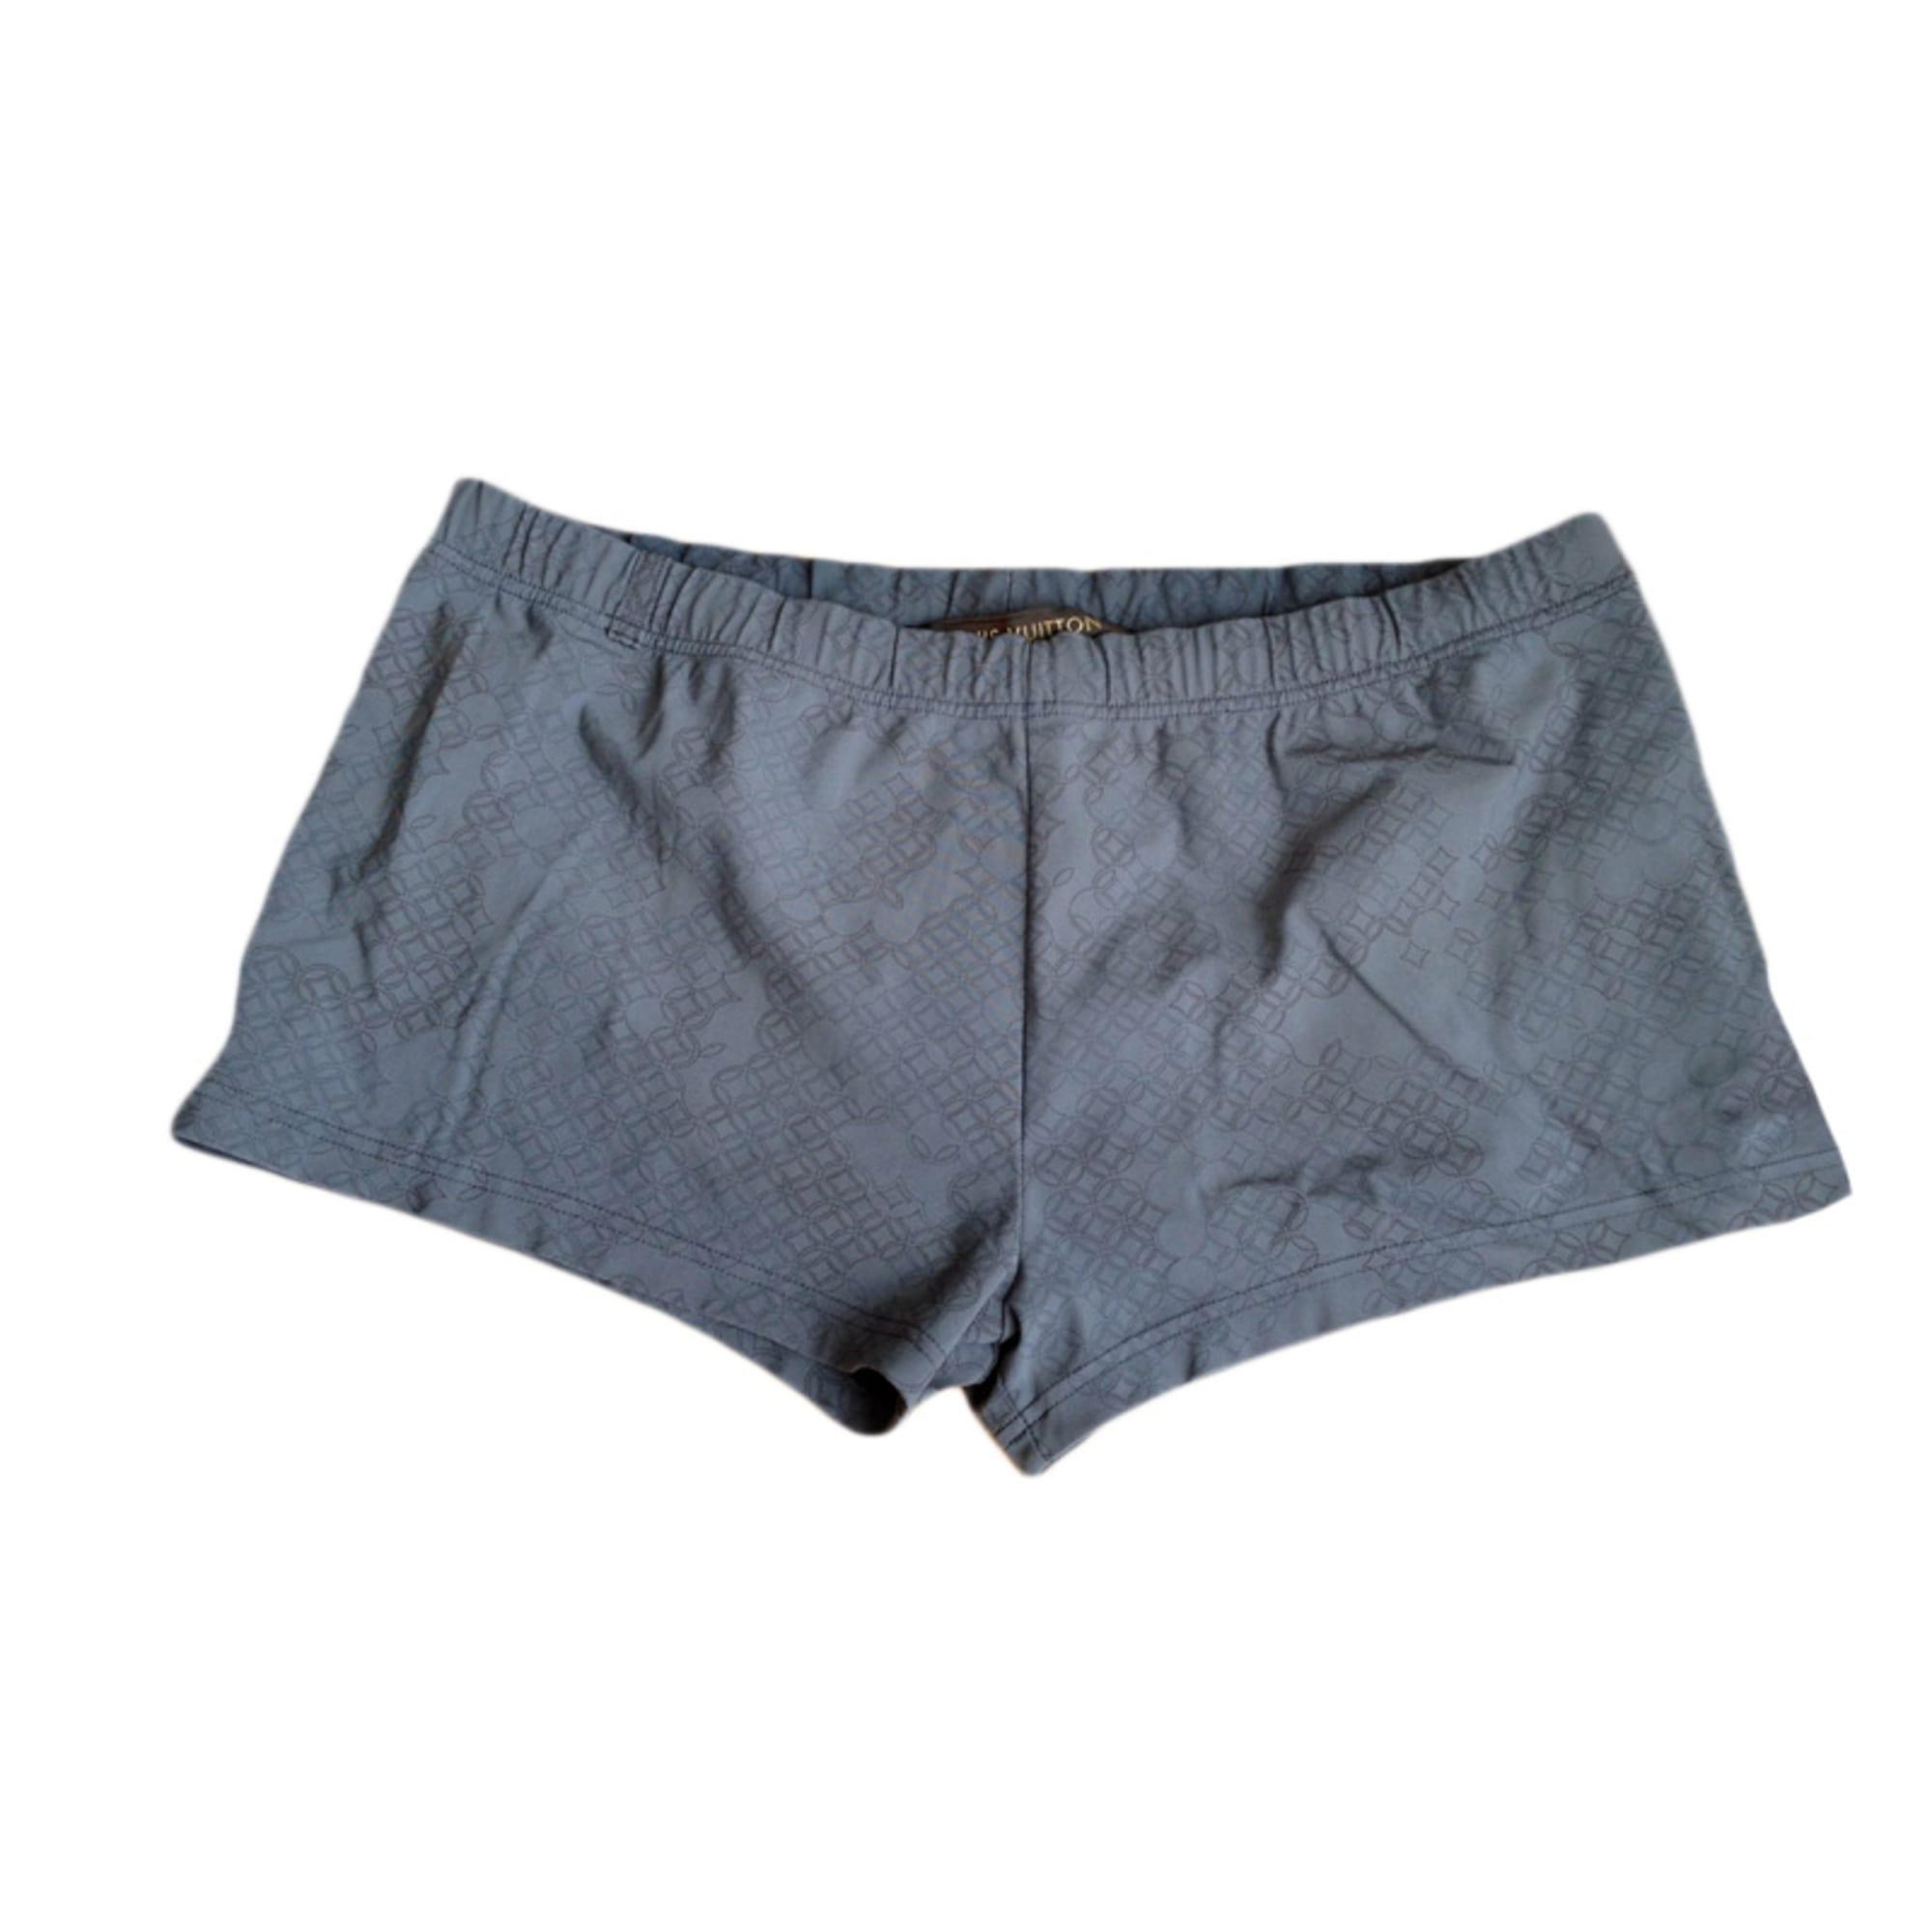 67edfa4b5a6d Boxer de bain LOUIS VUITTON 3 (L) gris vendu par Vincent cbl - 2929308